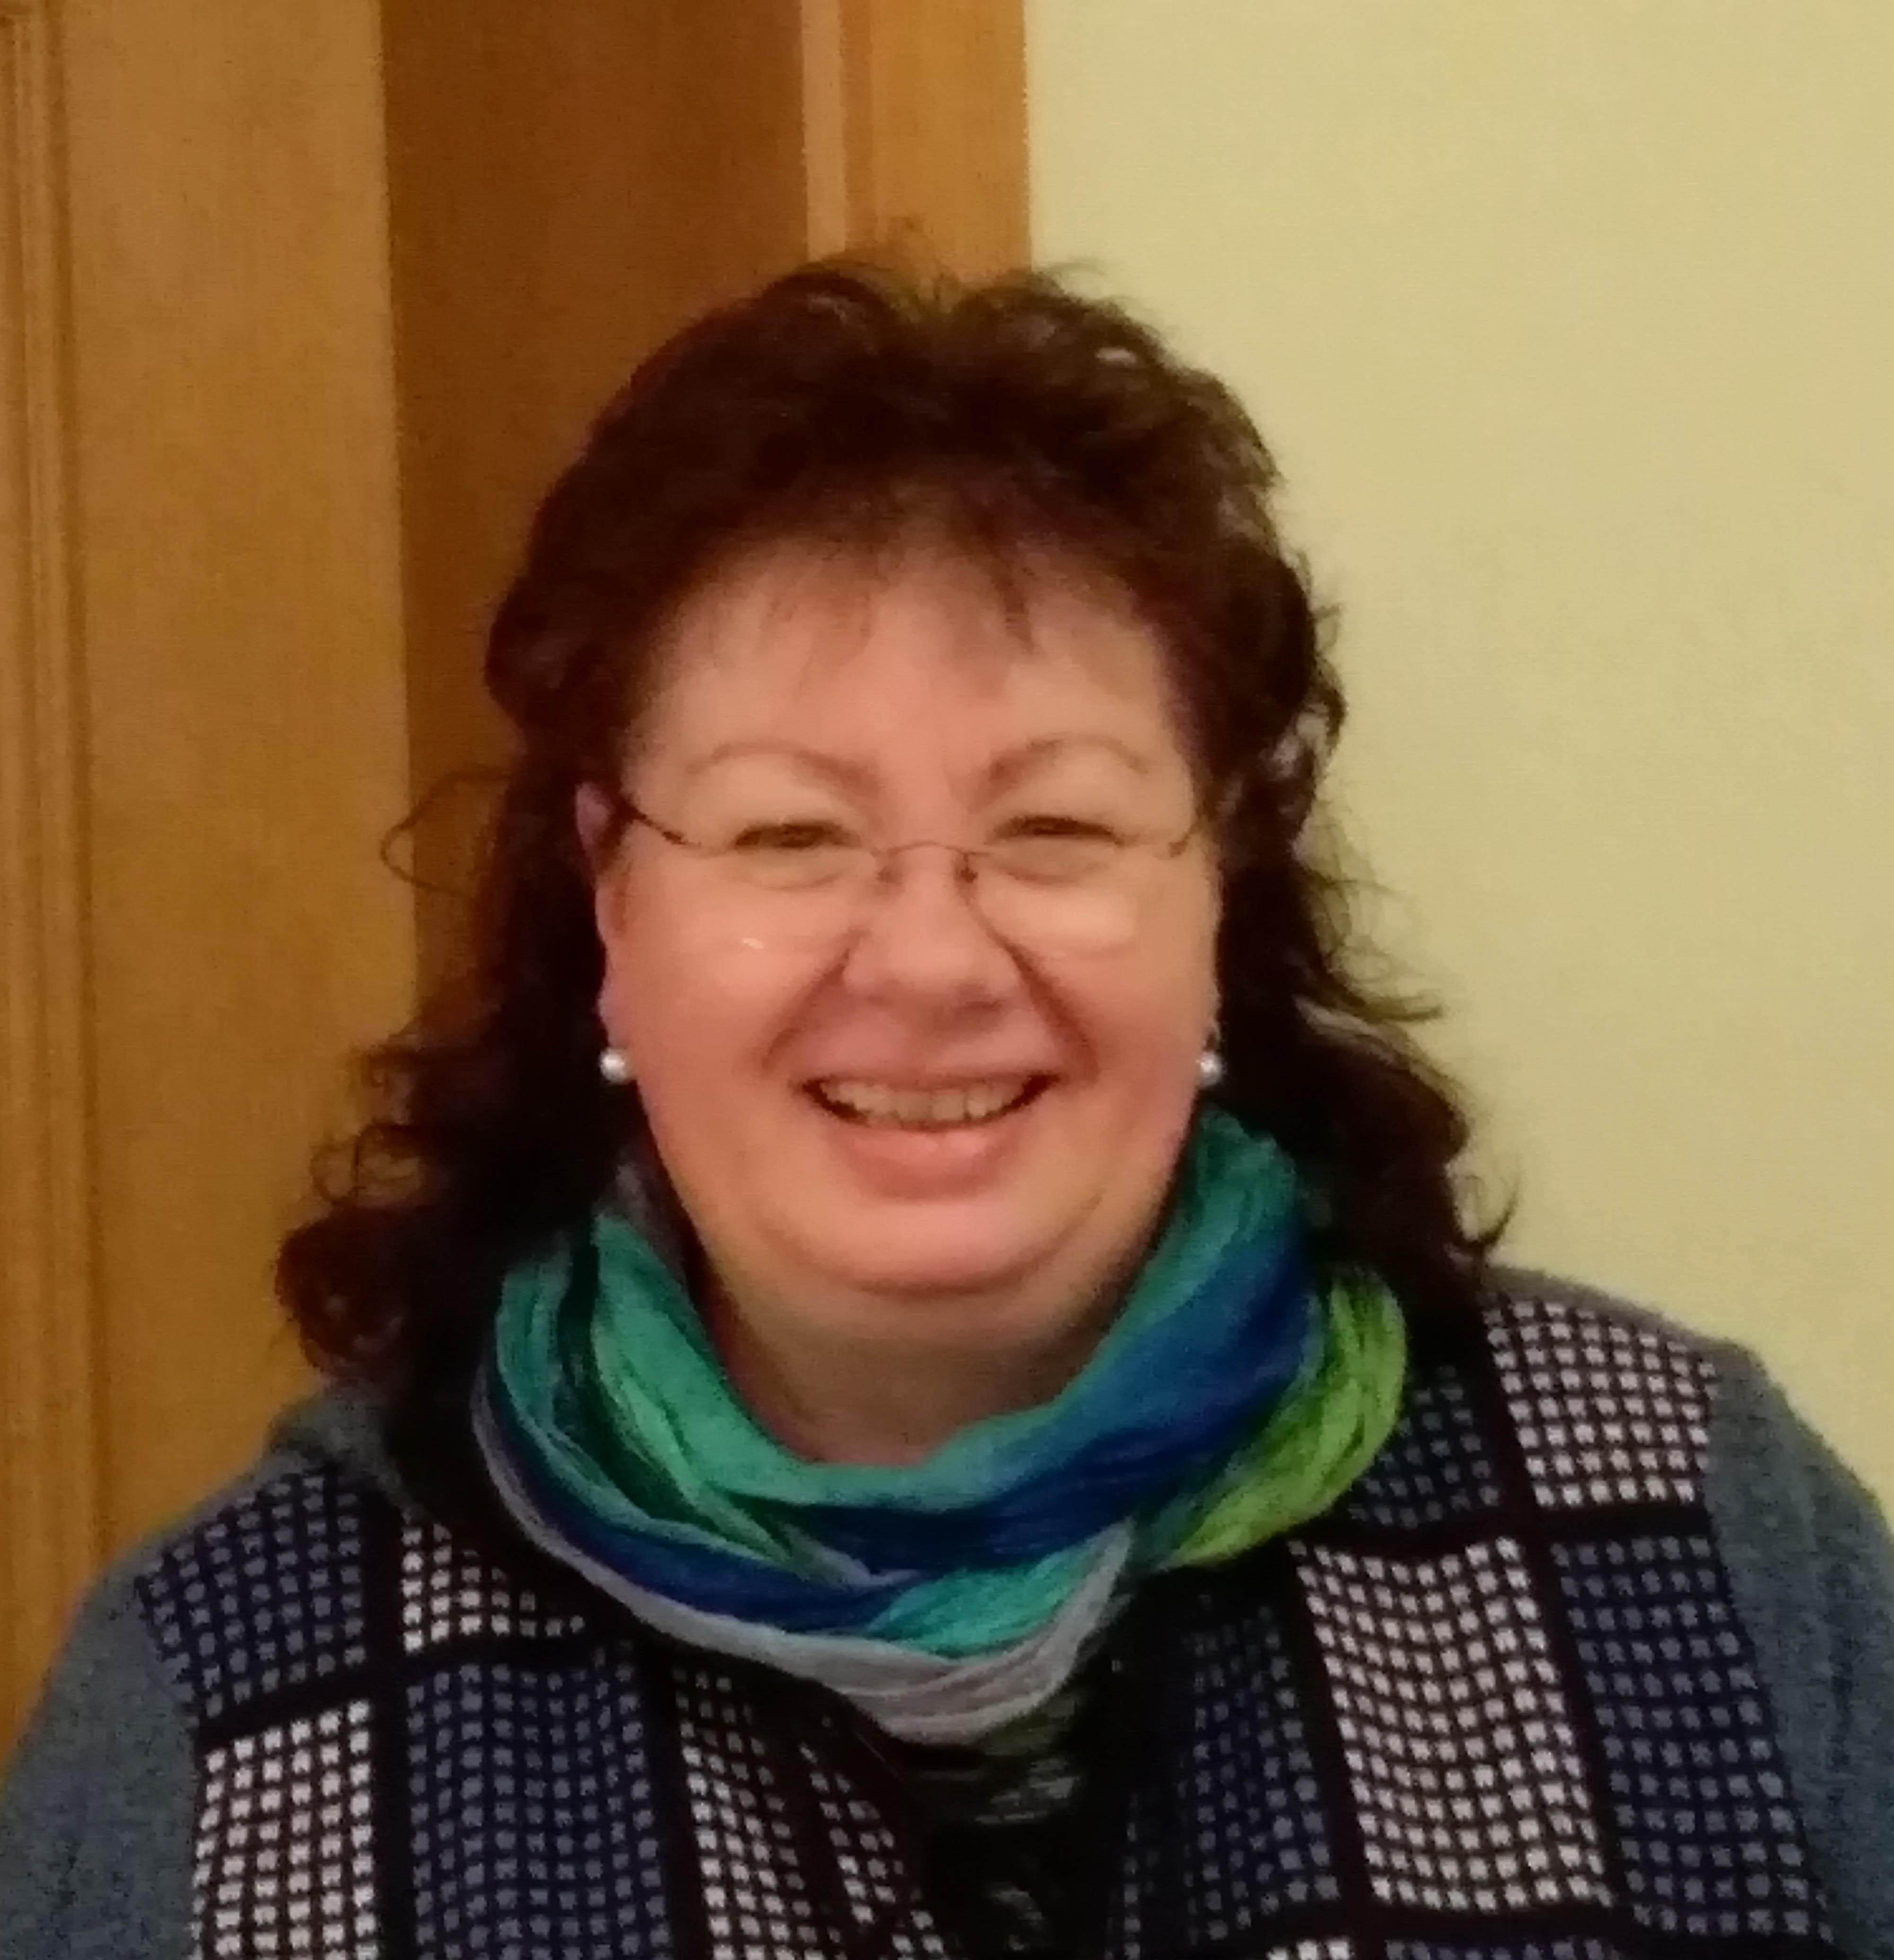 Gemeindepädagogin Gerlind Reschke